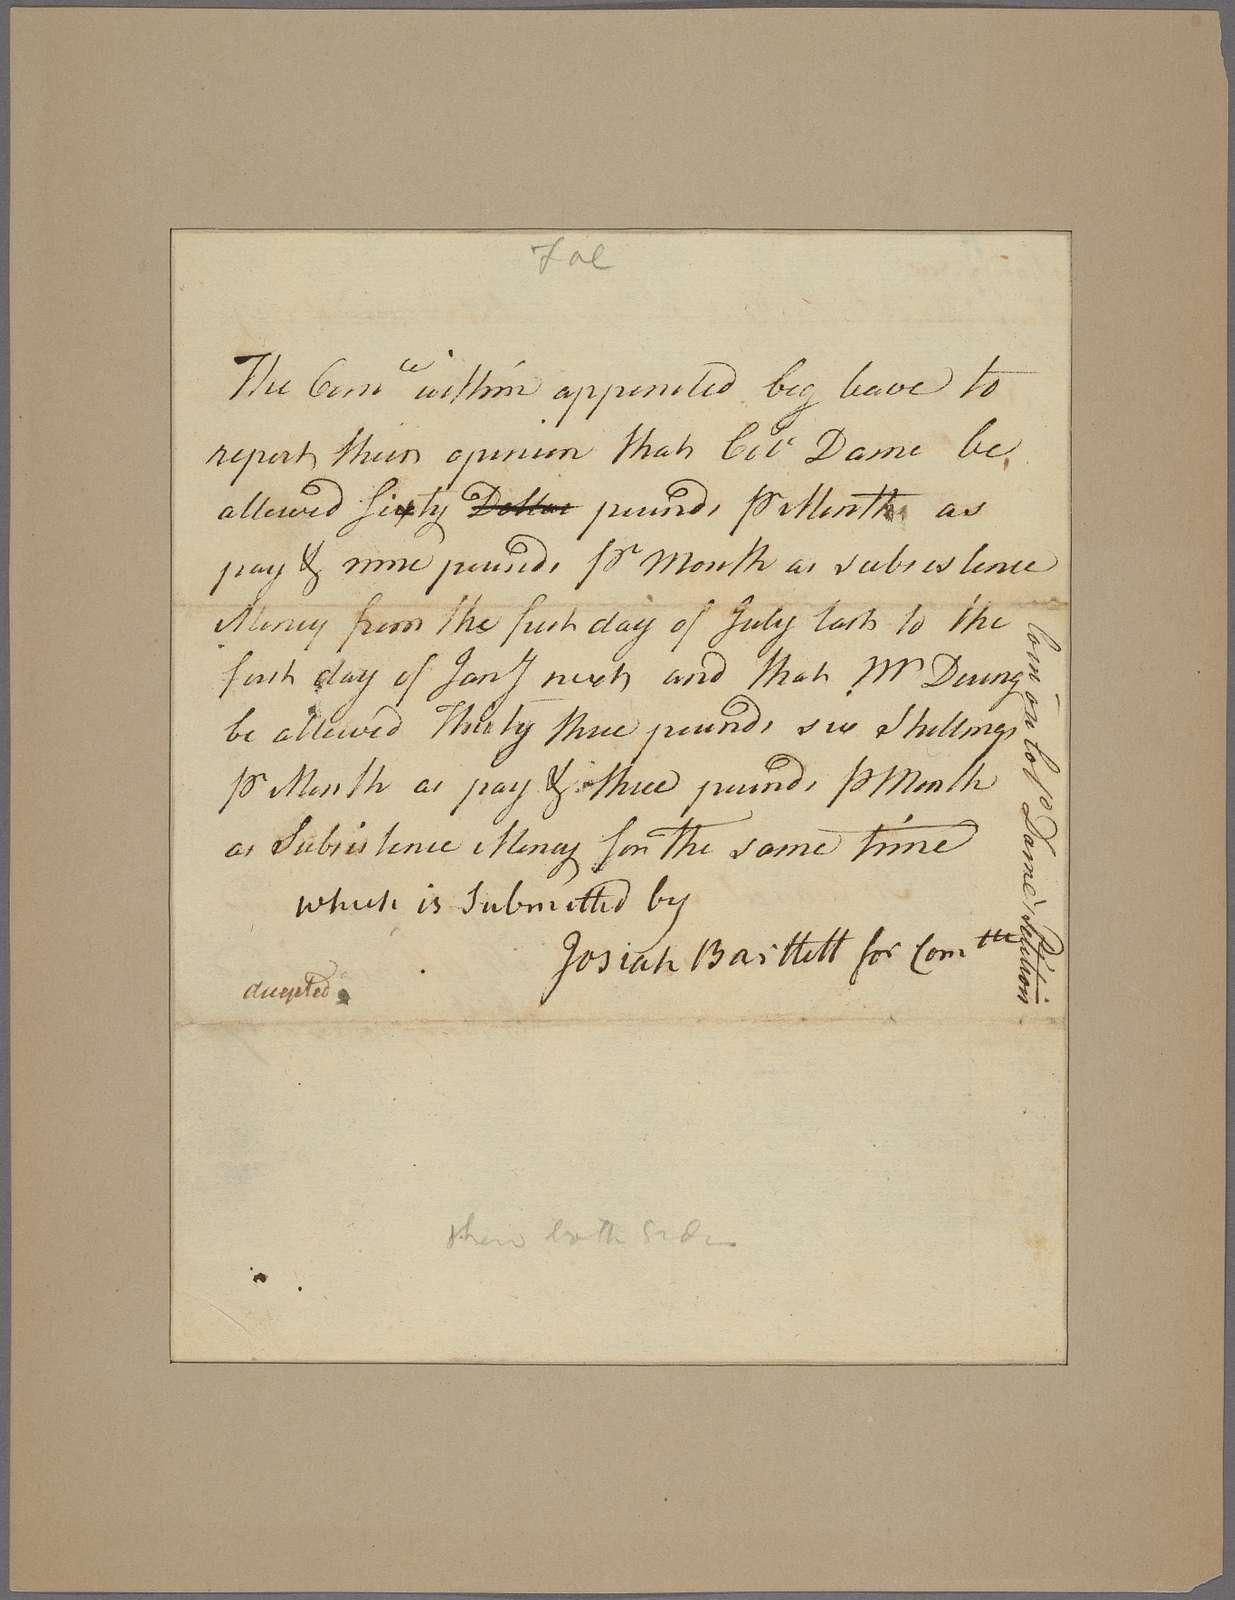 Letter to Josiah Bartlett, Philadelphia